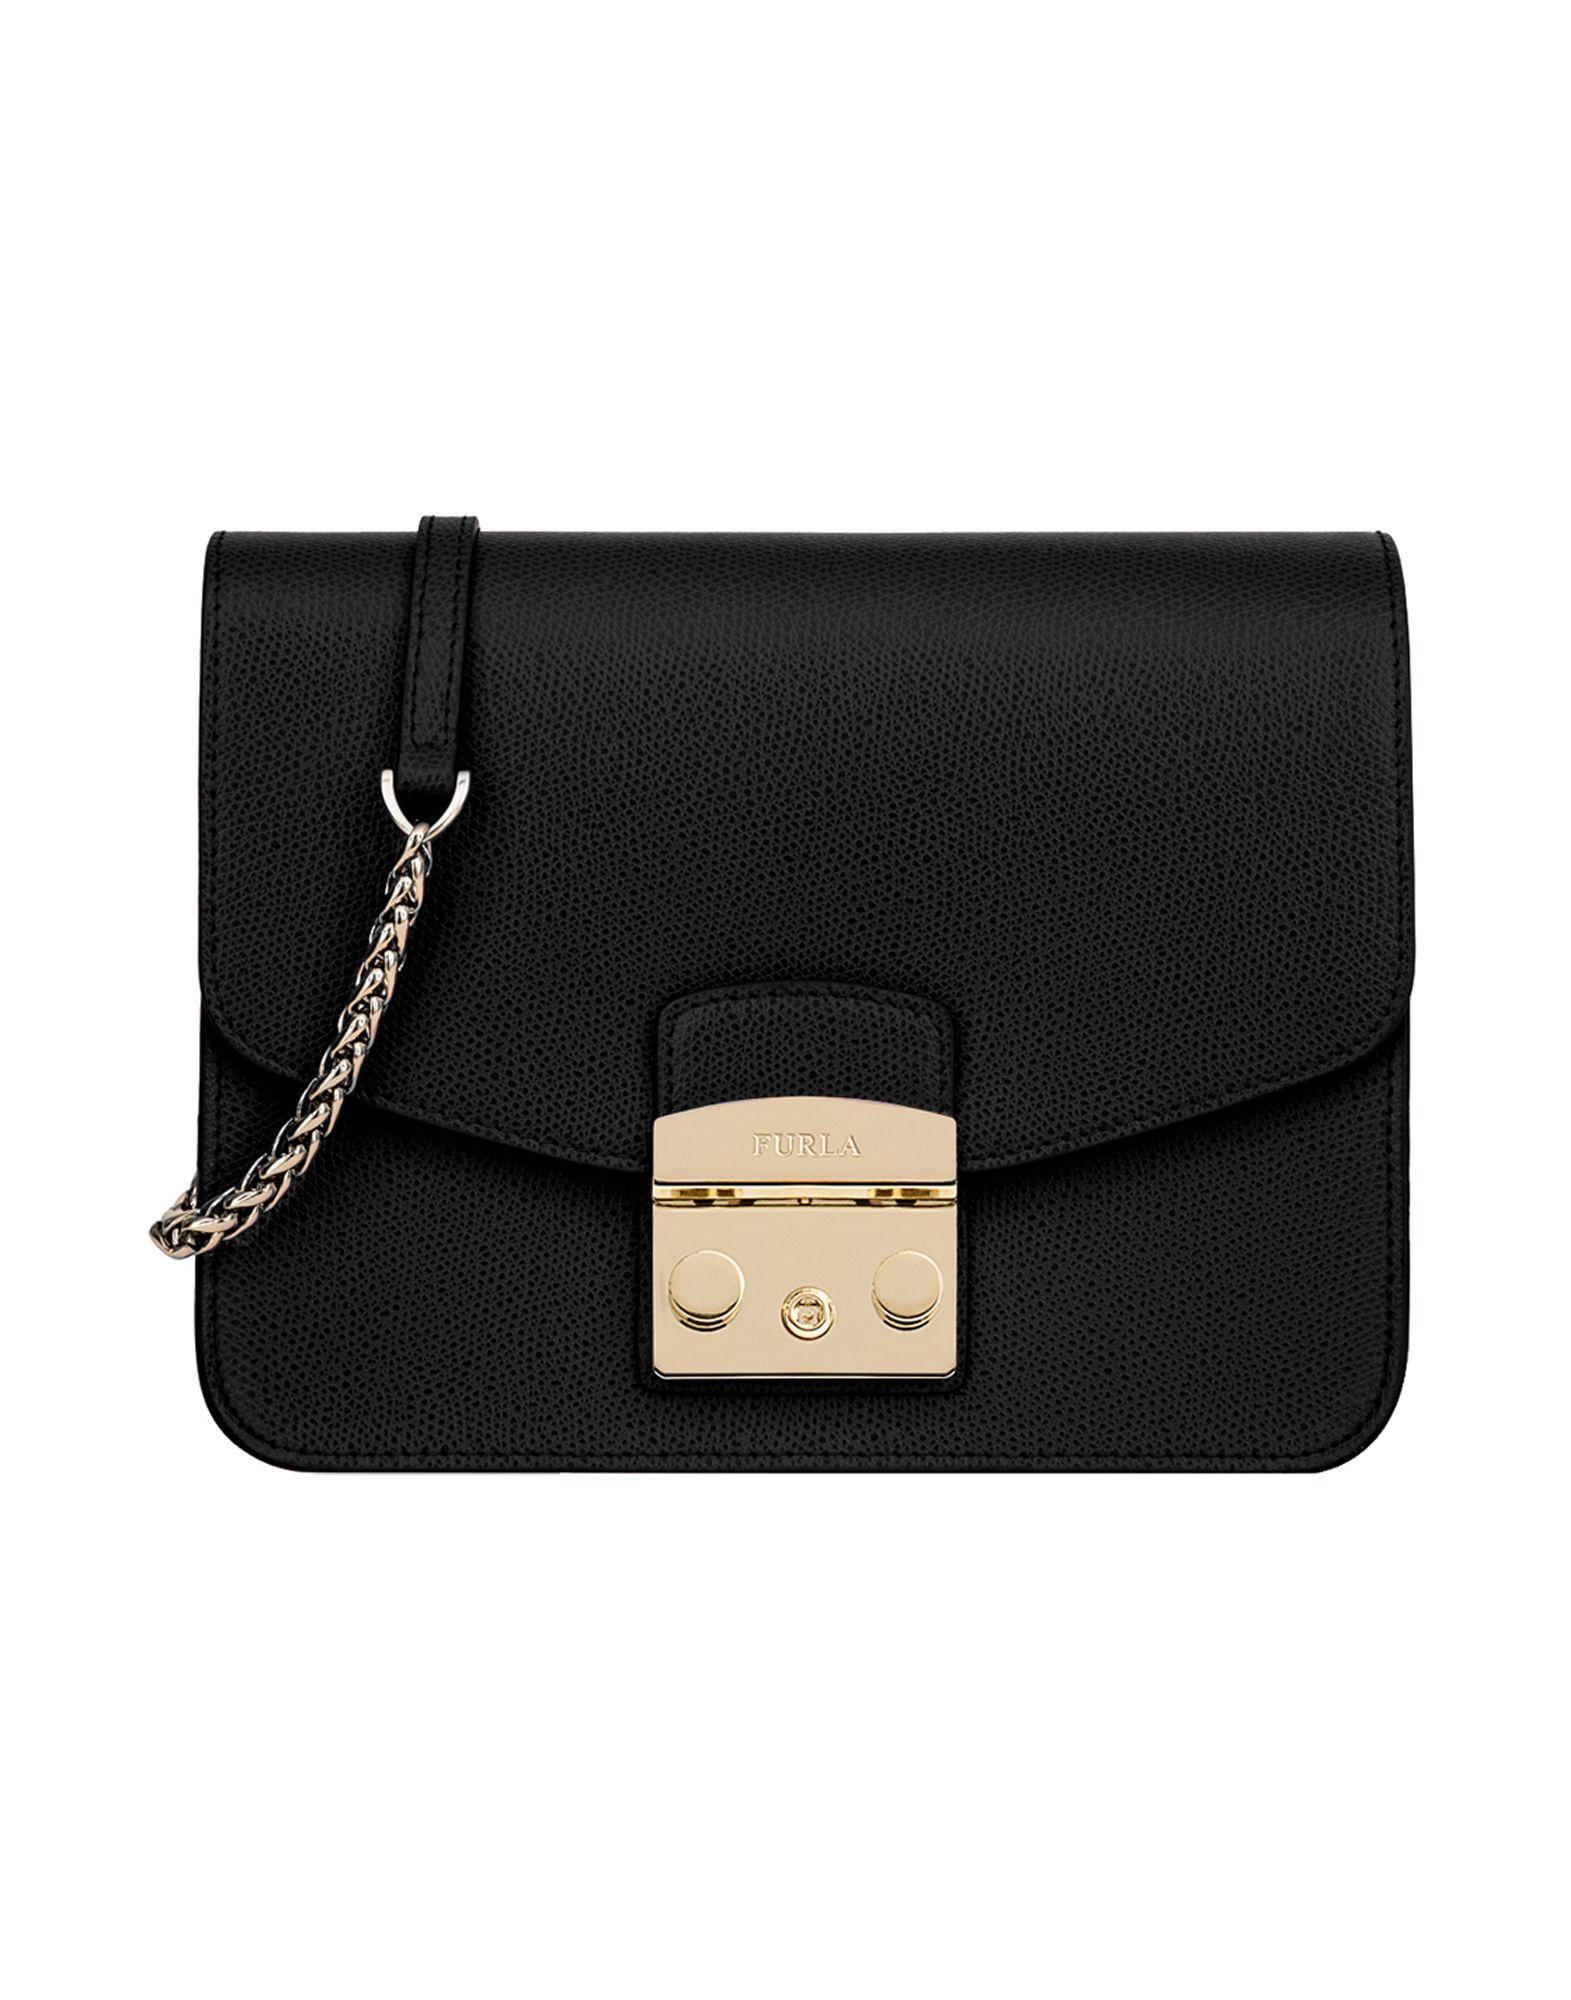 Furla Cross-body Bags In Black